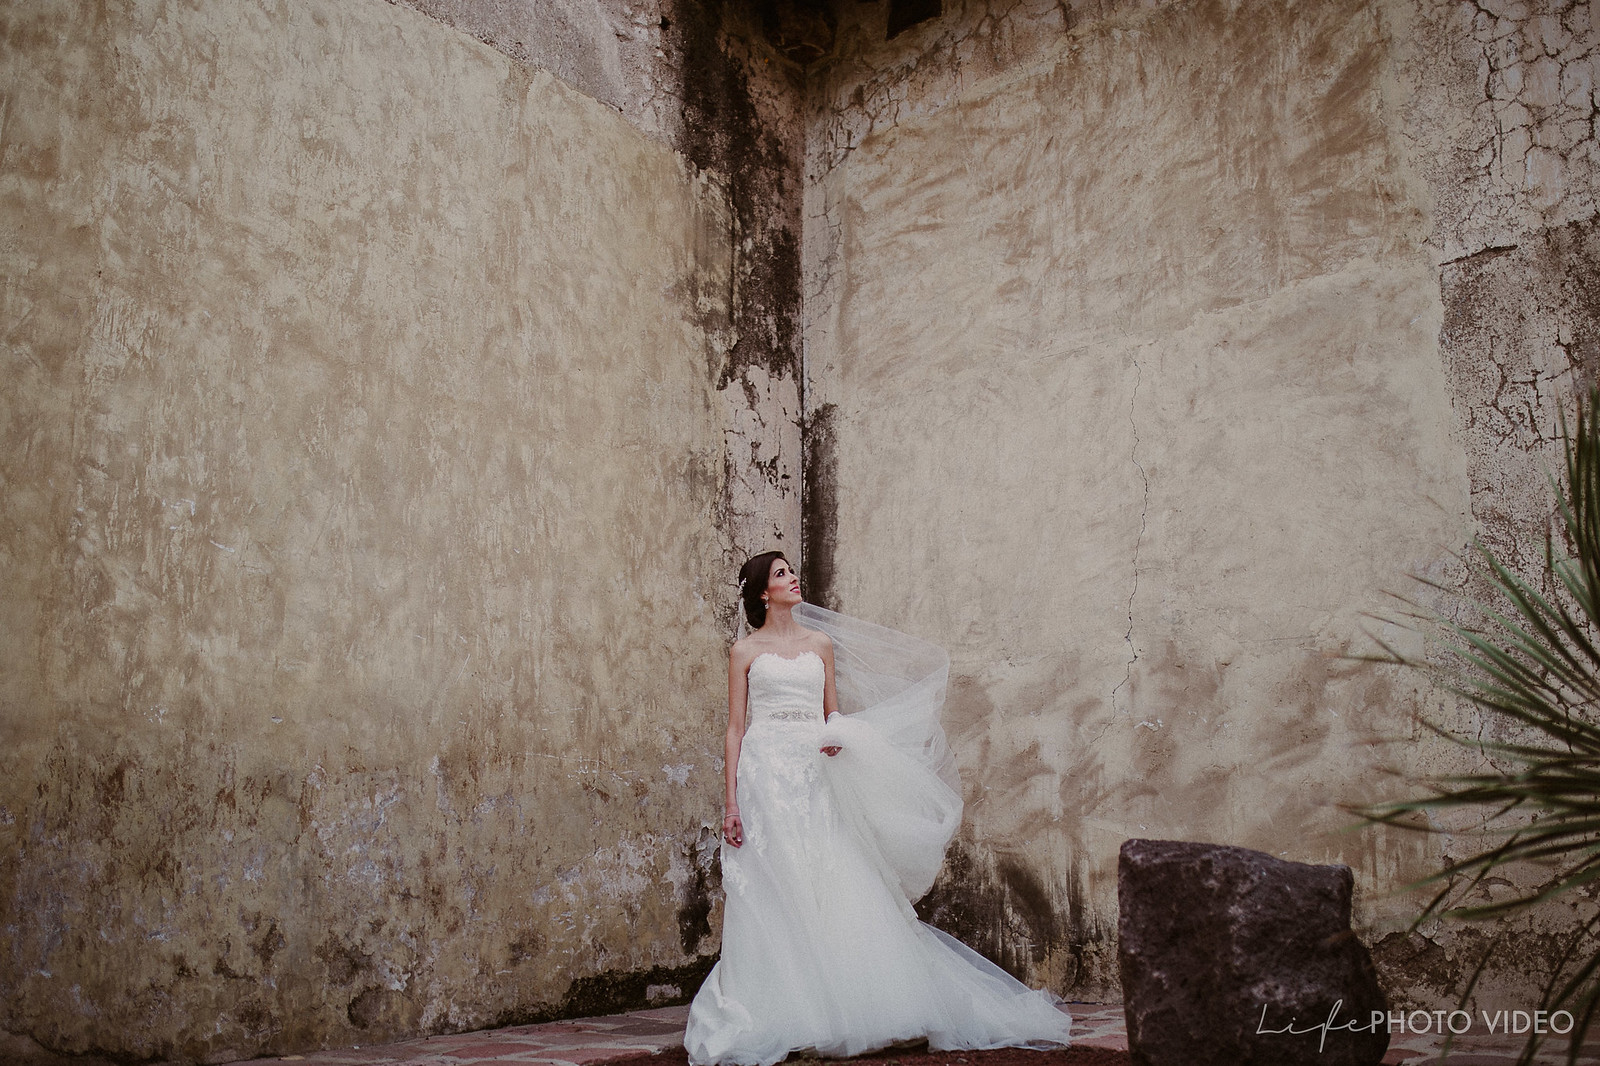 Boda_Leon_Guanajuato_Wedding_0020